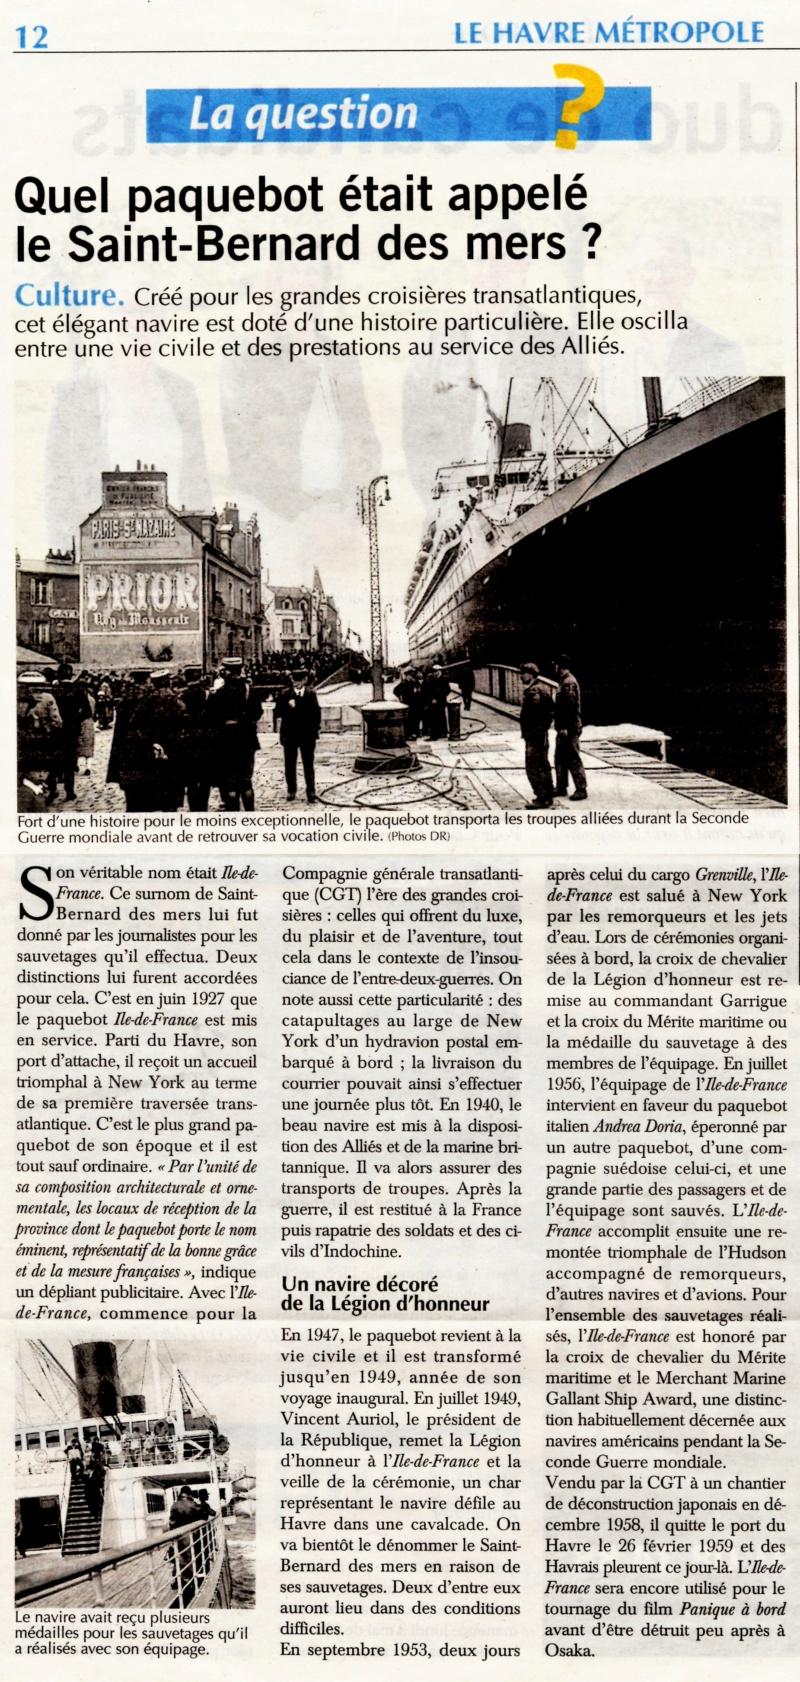 Le paquebot Ile de France, Saint-Bernard des mers 2021-039